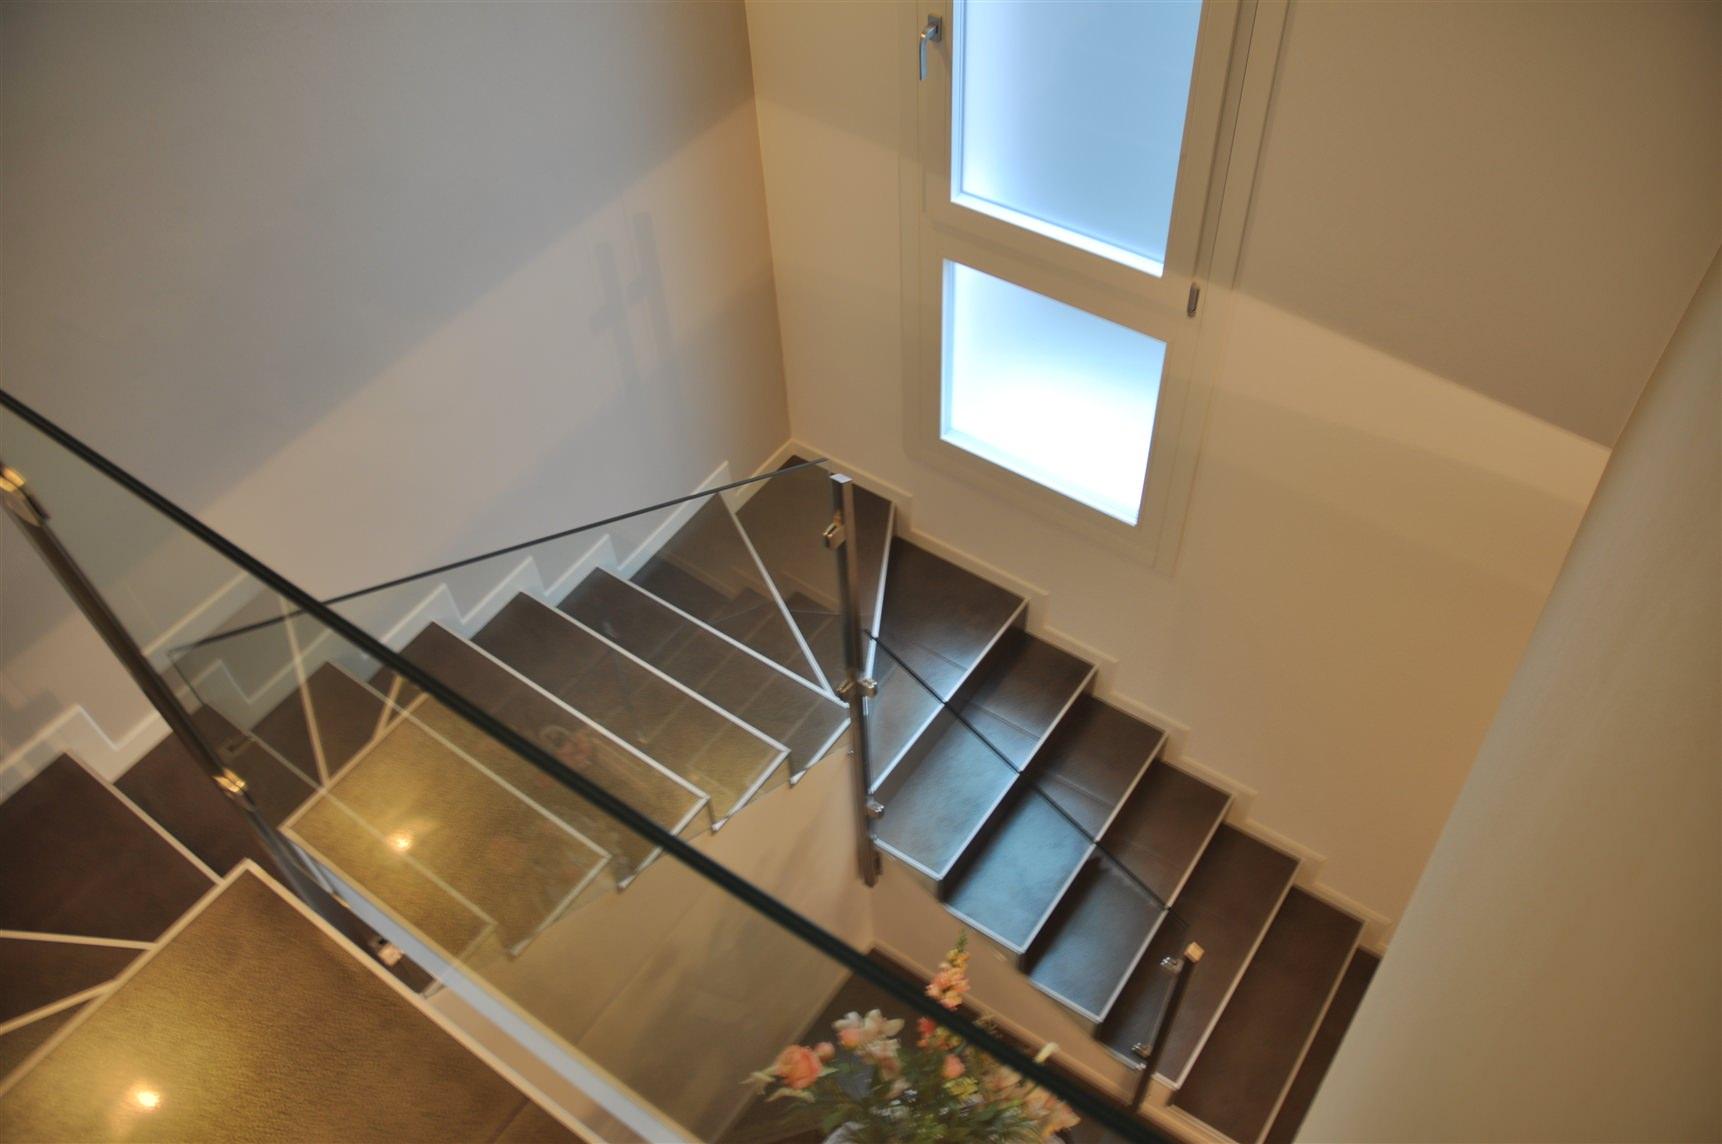 Corrimano in vetro per scale best parapetti in vetro with corrimano in vetro per scale cool - Corrimano in vetro per scale ...